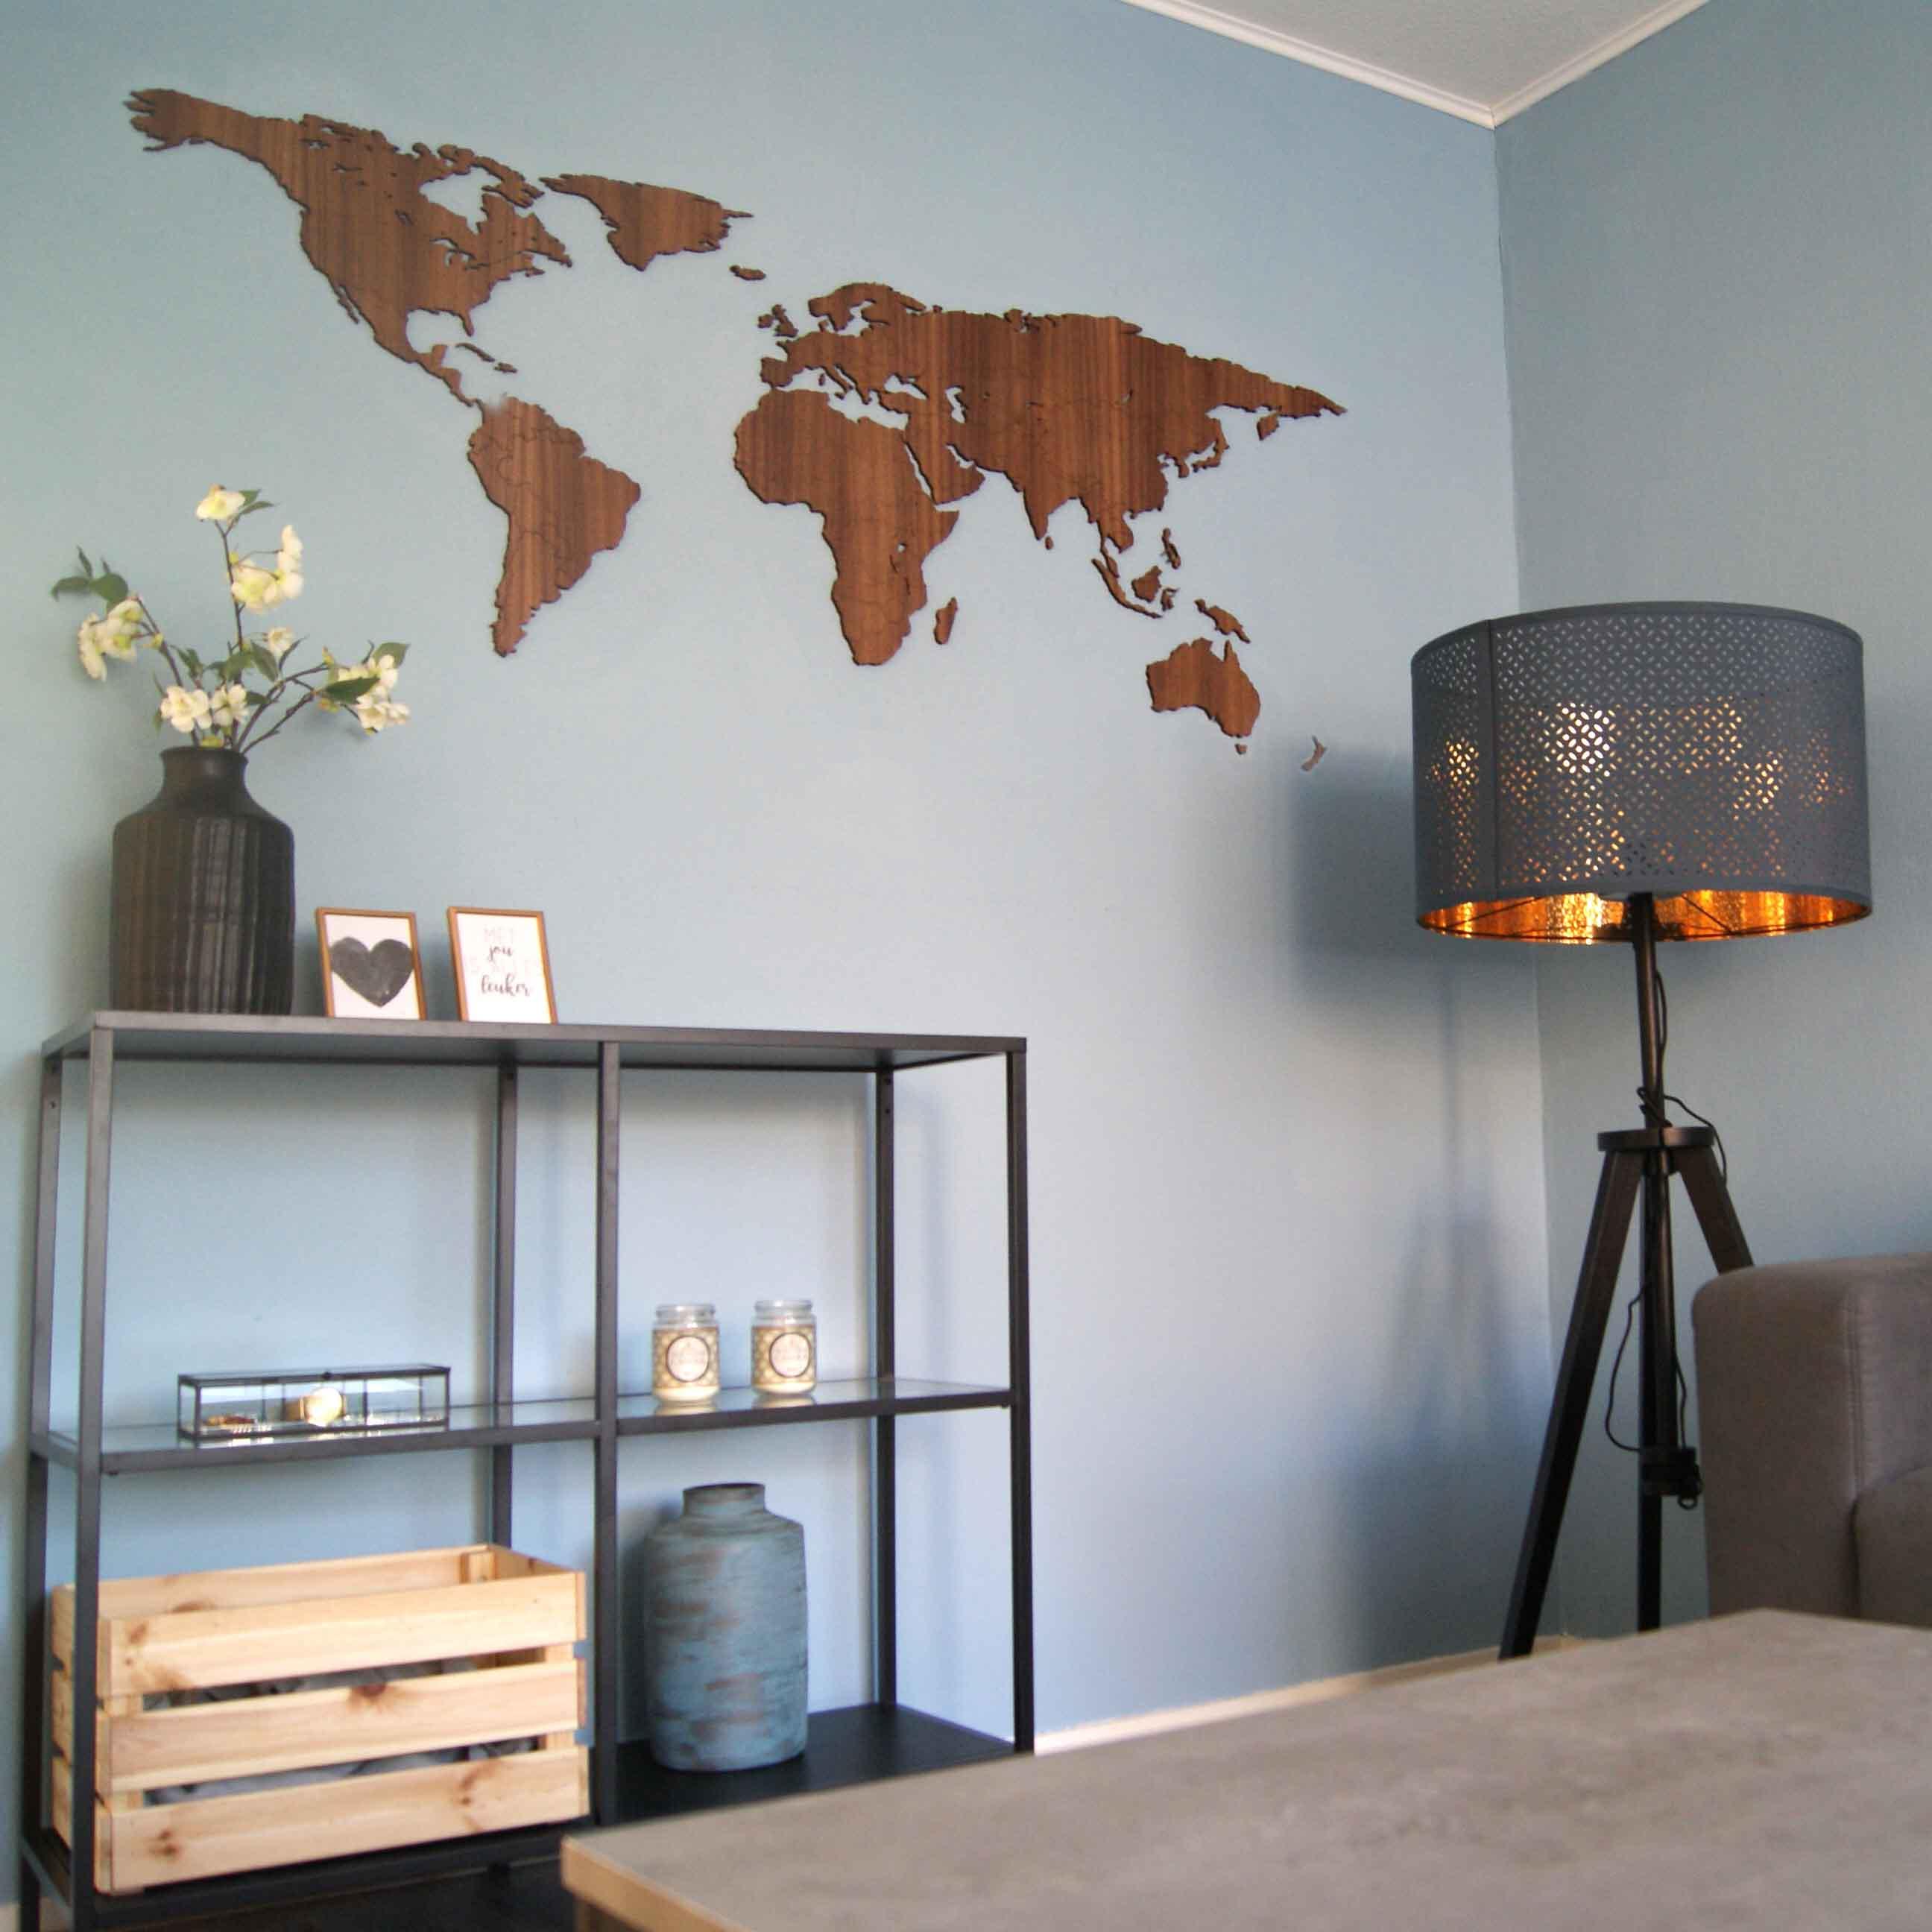 Muurdecoratie Hout Woonkamer.Houten Wereldkaart Walnoten Unieke Wand Decoratie Voor